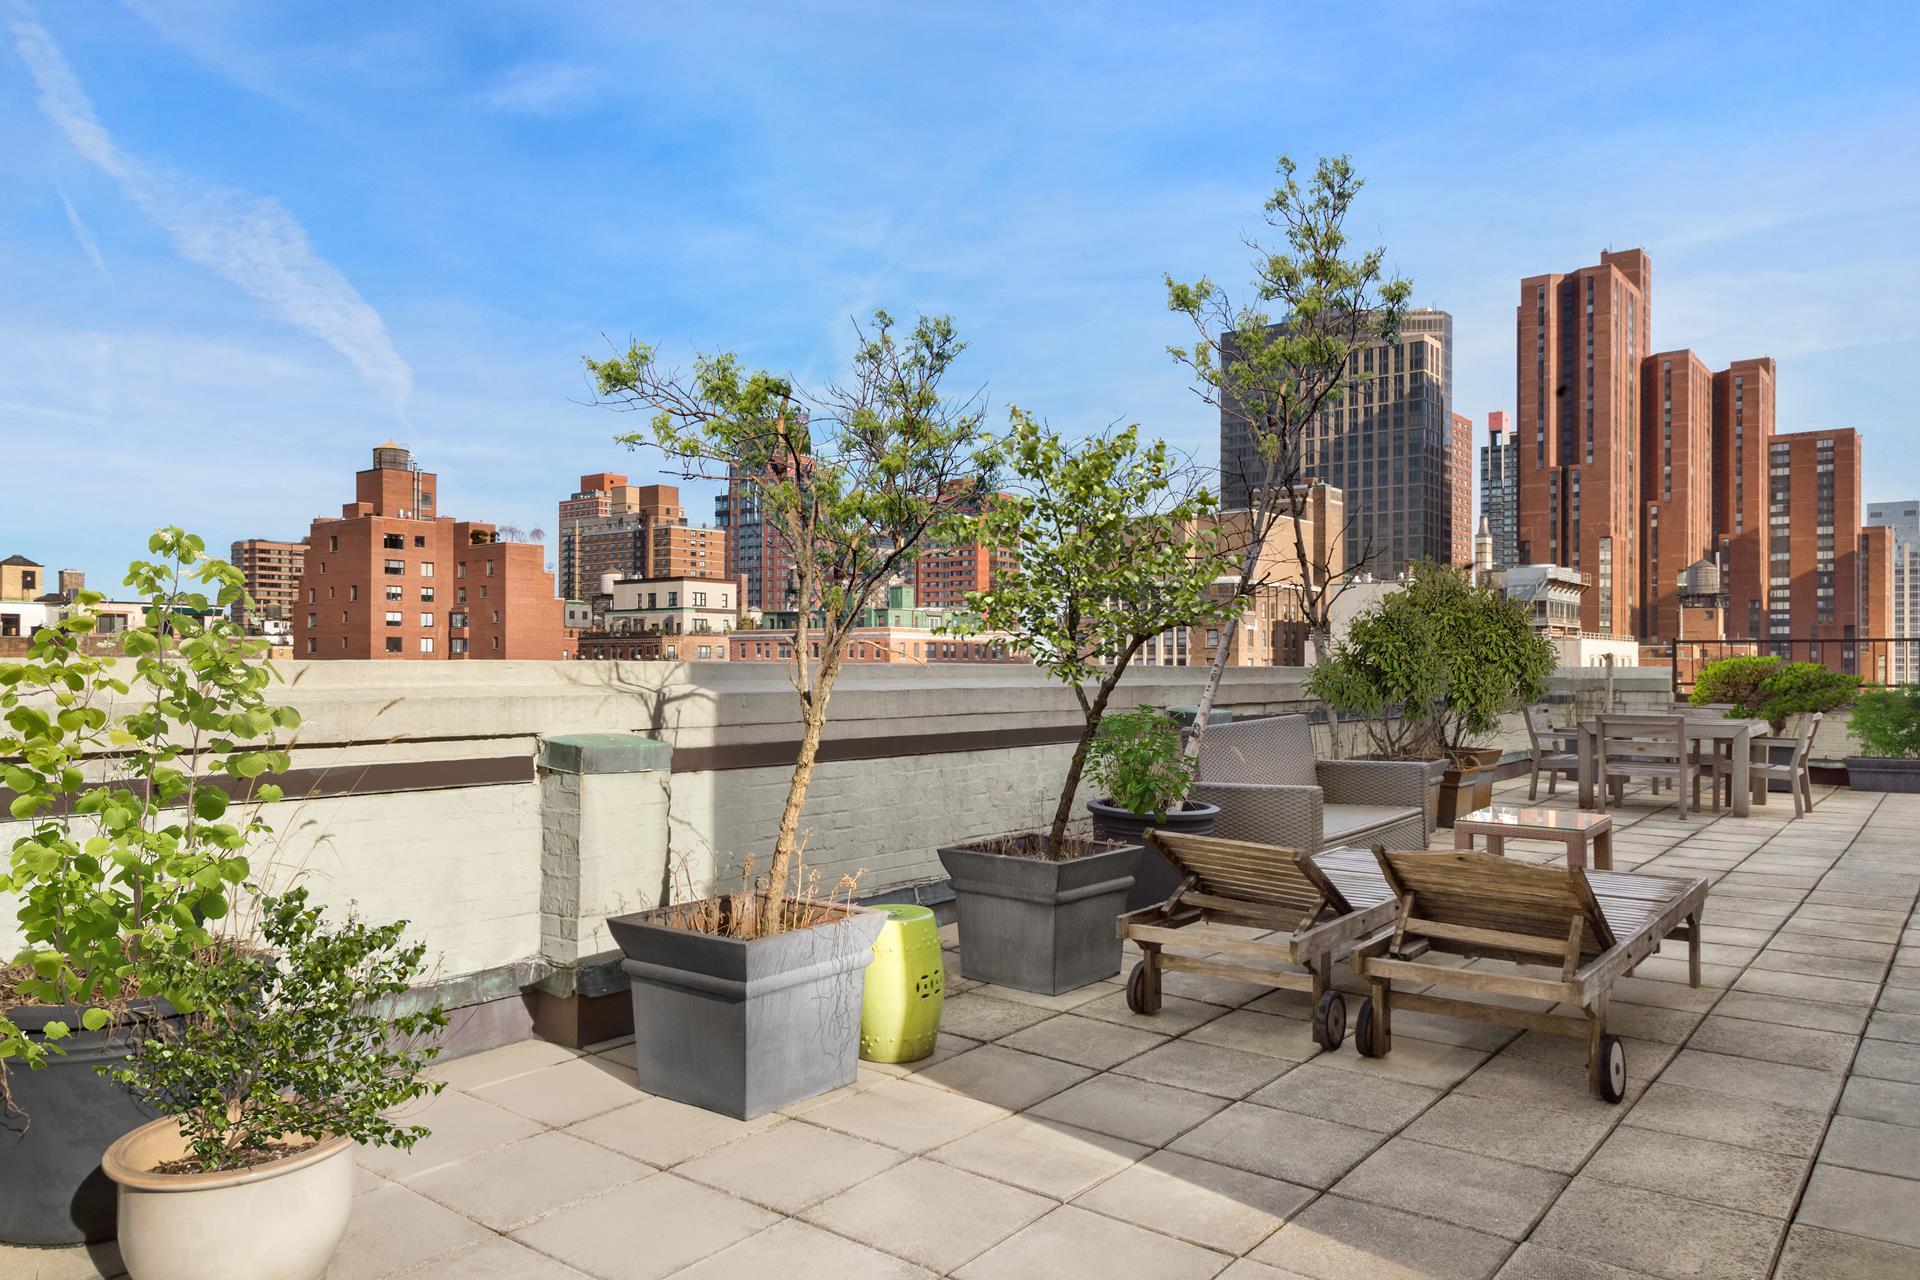 108 East 91st St, PHA - Carnegie Hill, New York